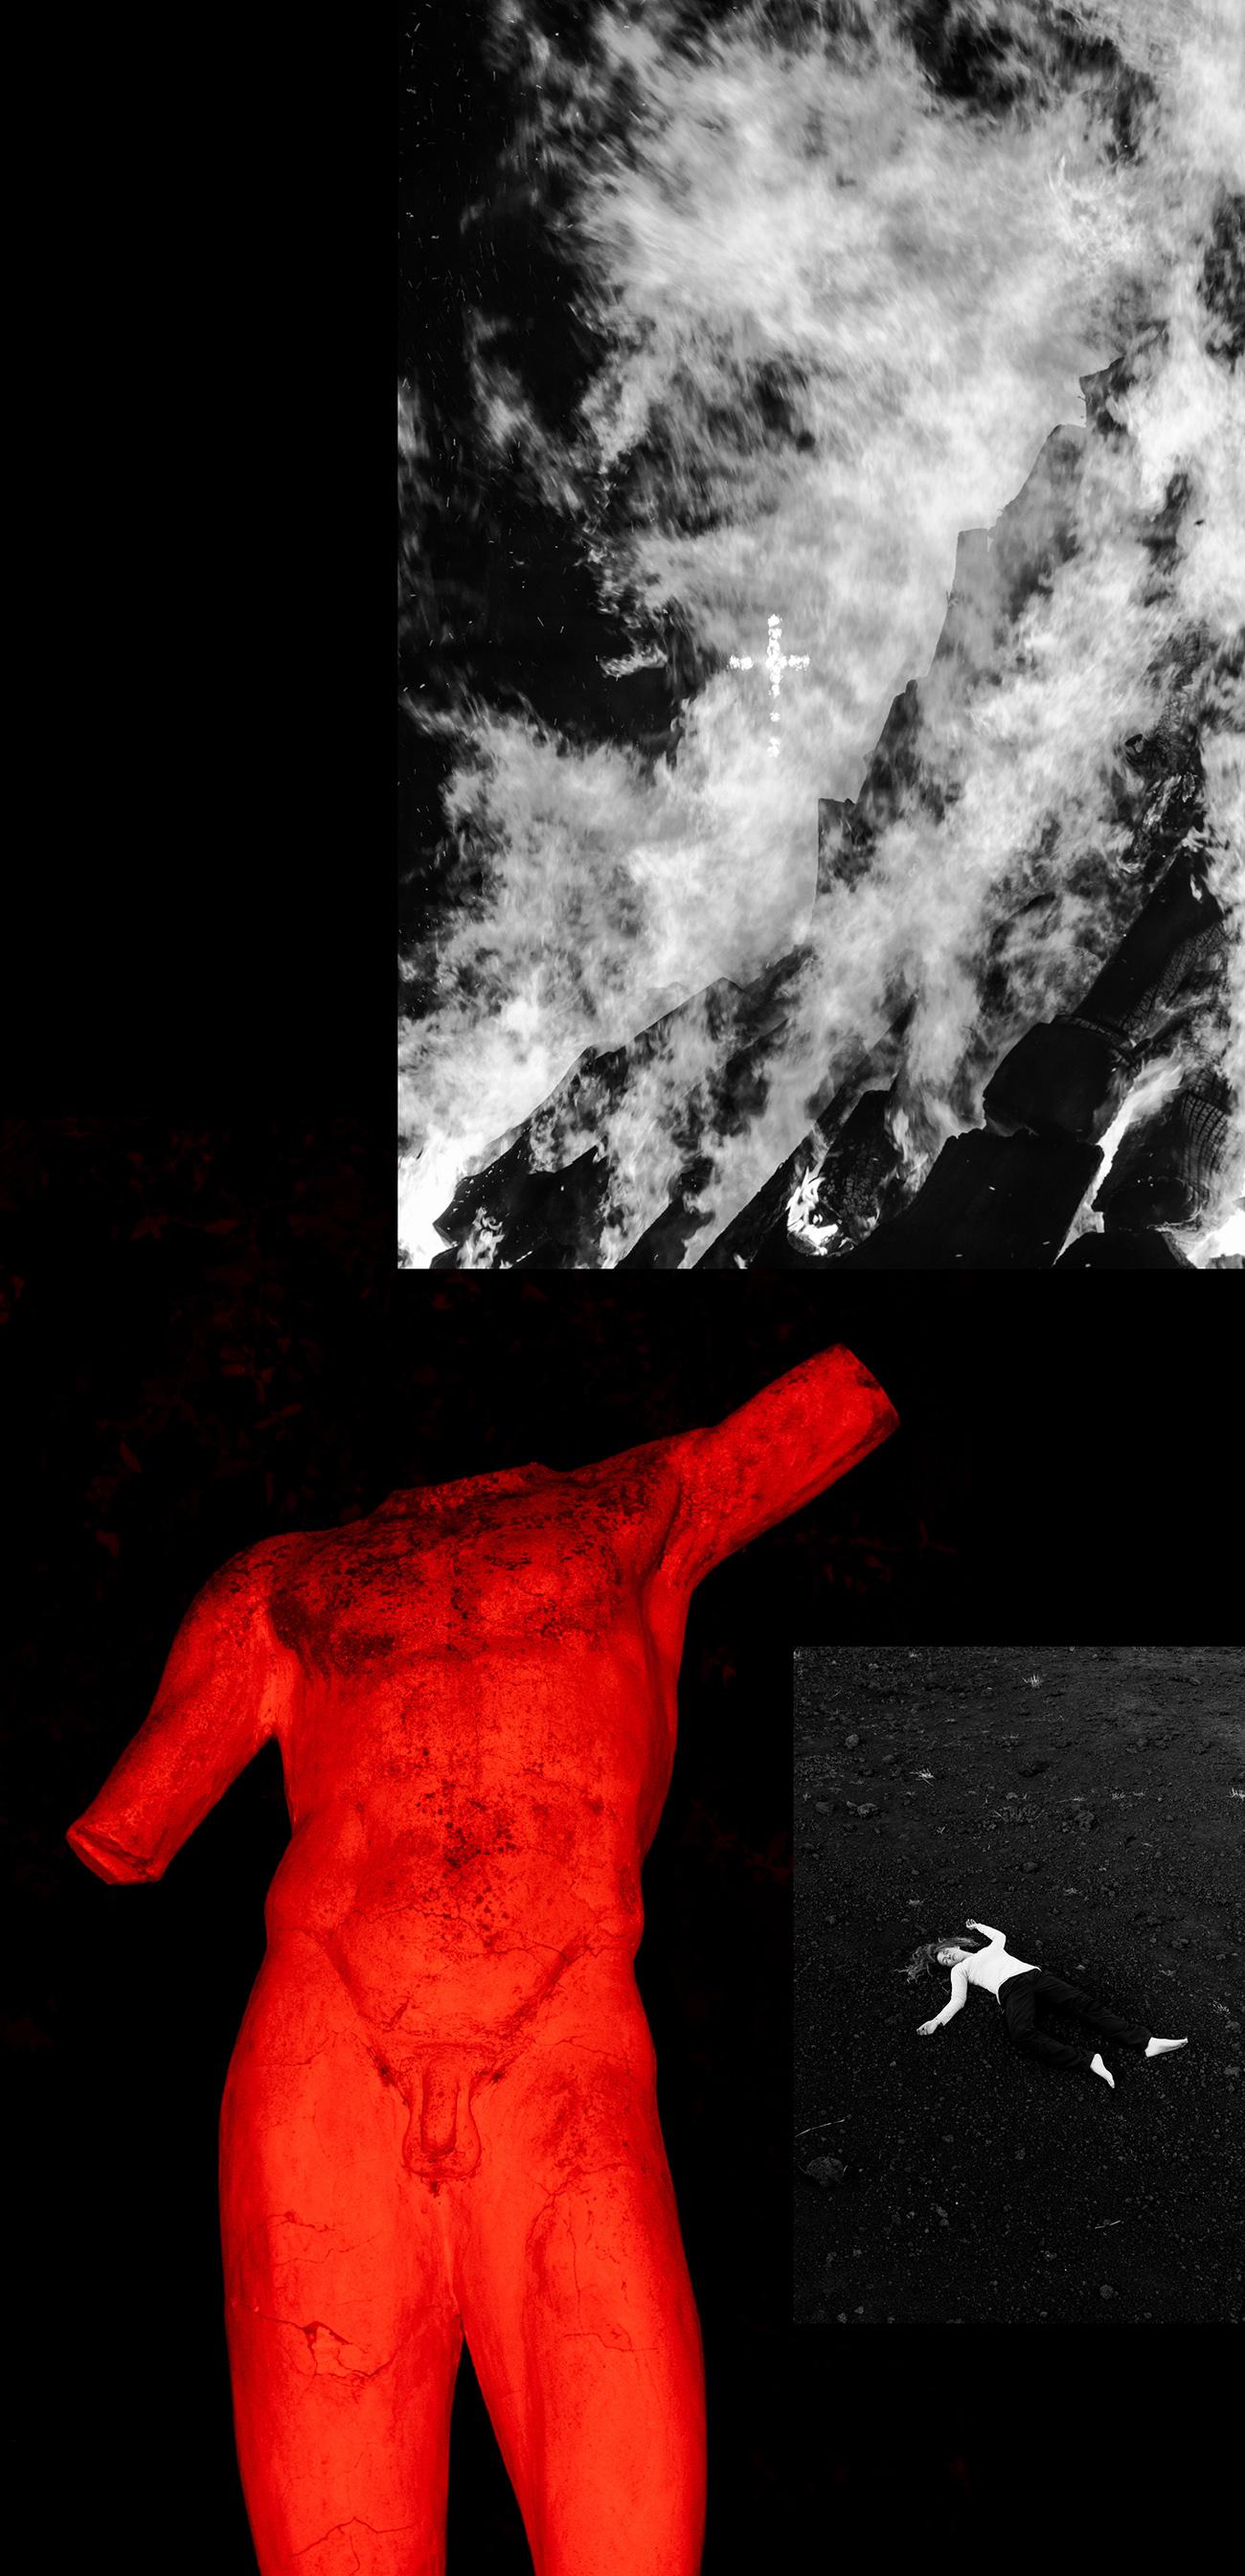 Bad to the Bone - Photo Gian Marco Sanna - Paradise